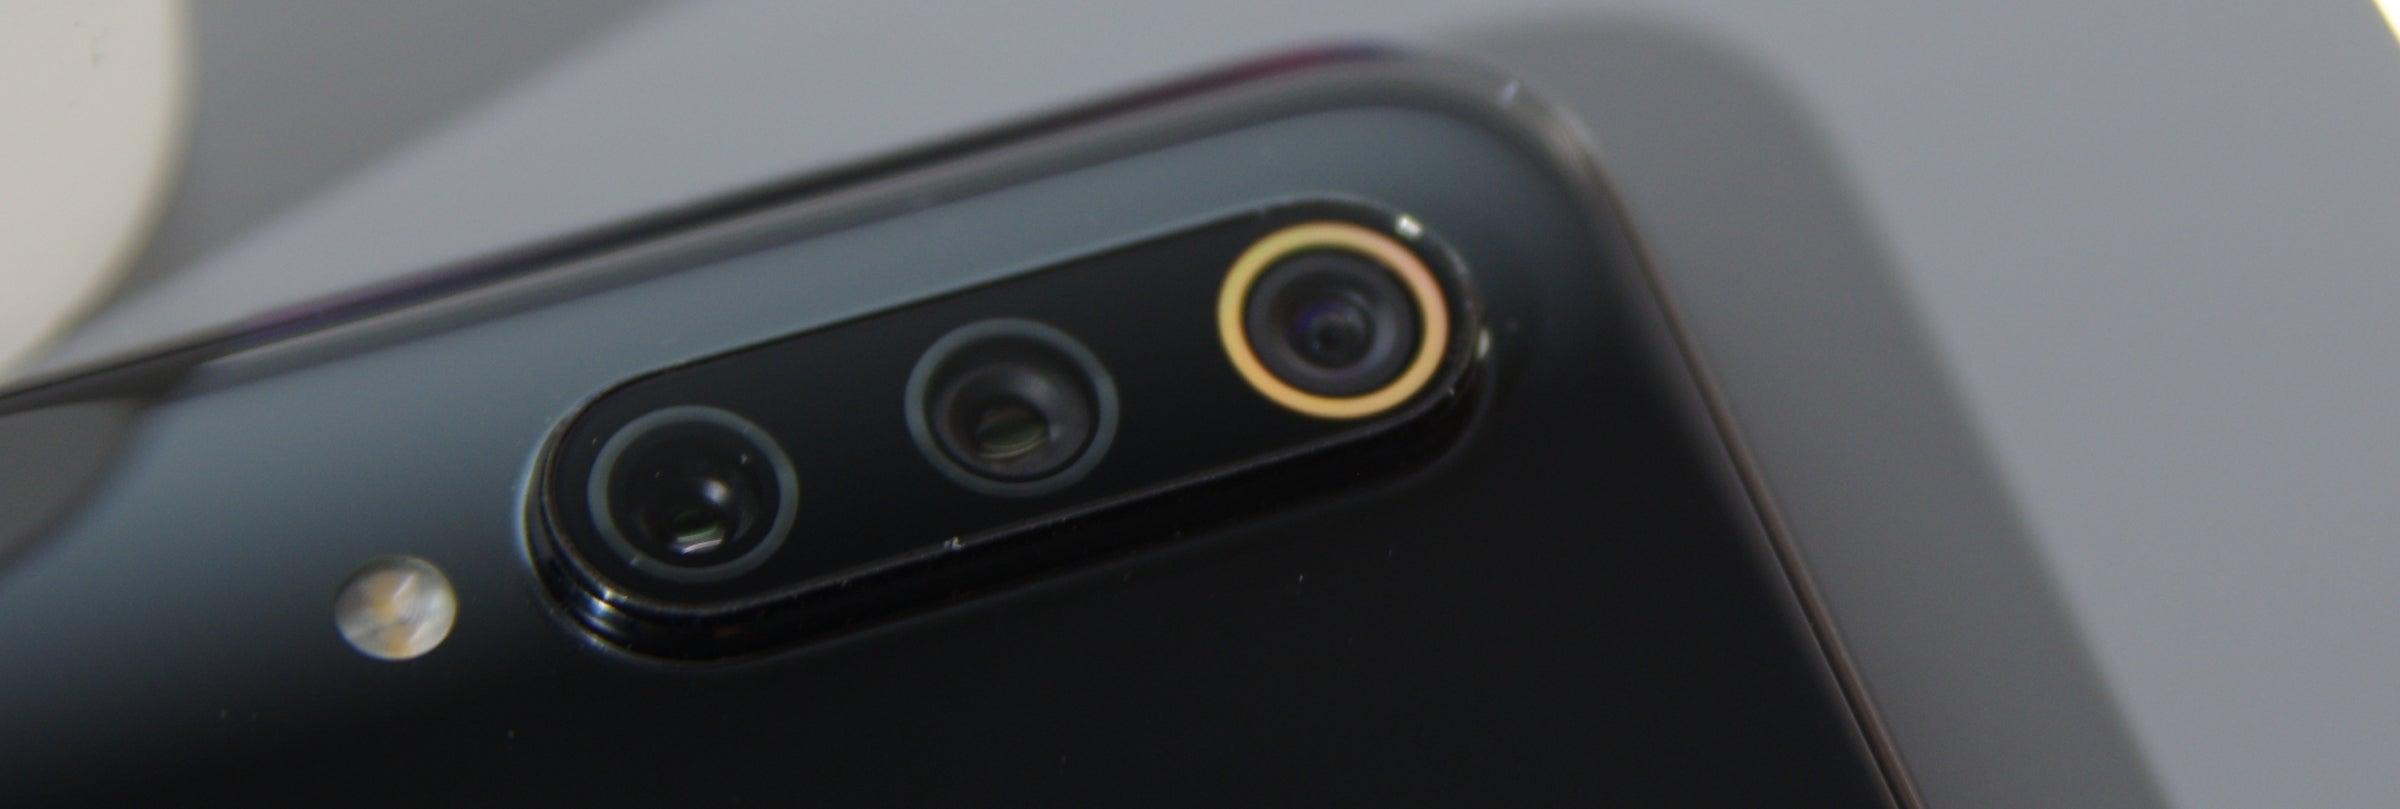 LED-Leuchte an der Kamera des Xiaomi Mi 9